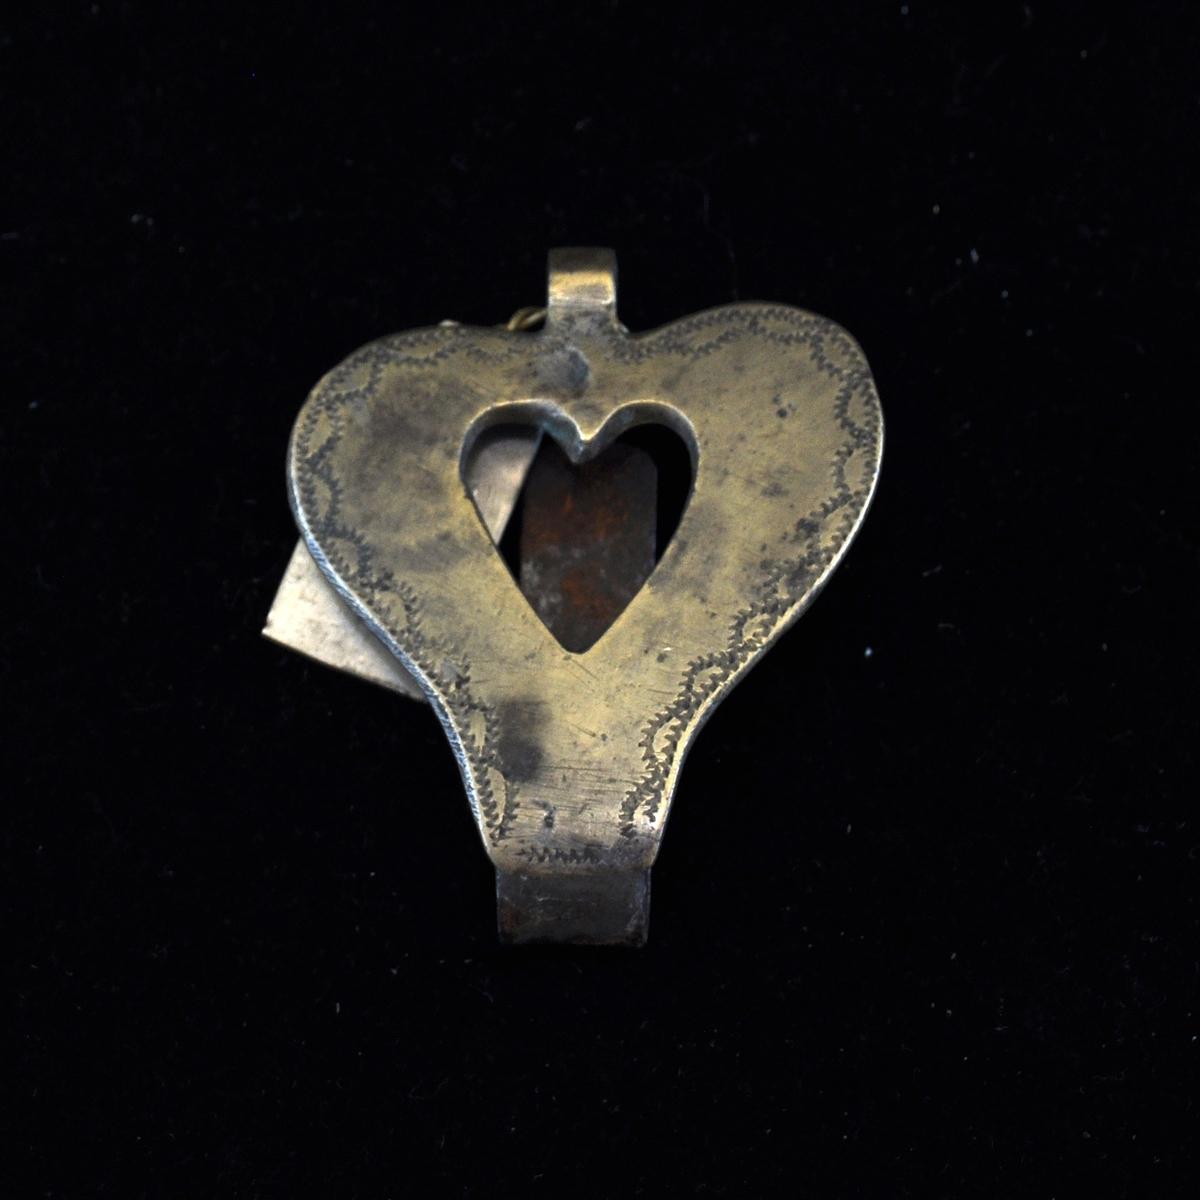 Fra protokollen: Nøkelkrok av messing. Dobbel hjerte-form.